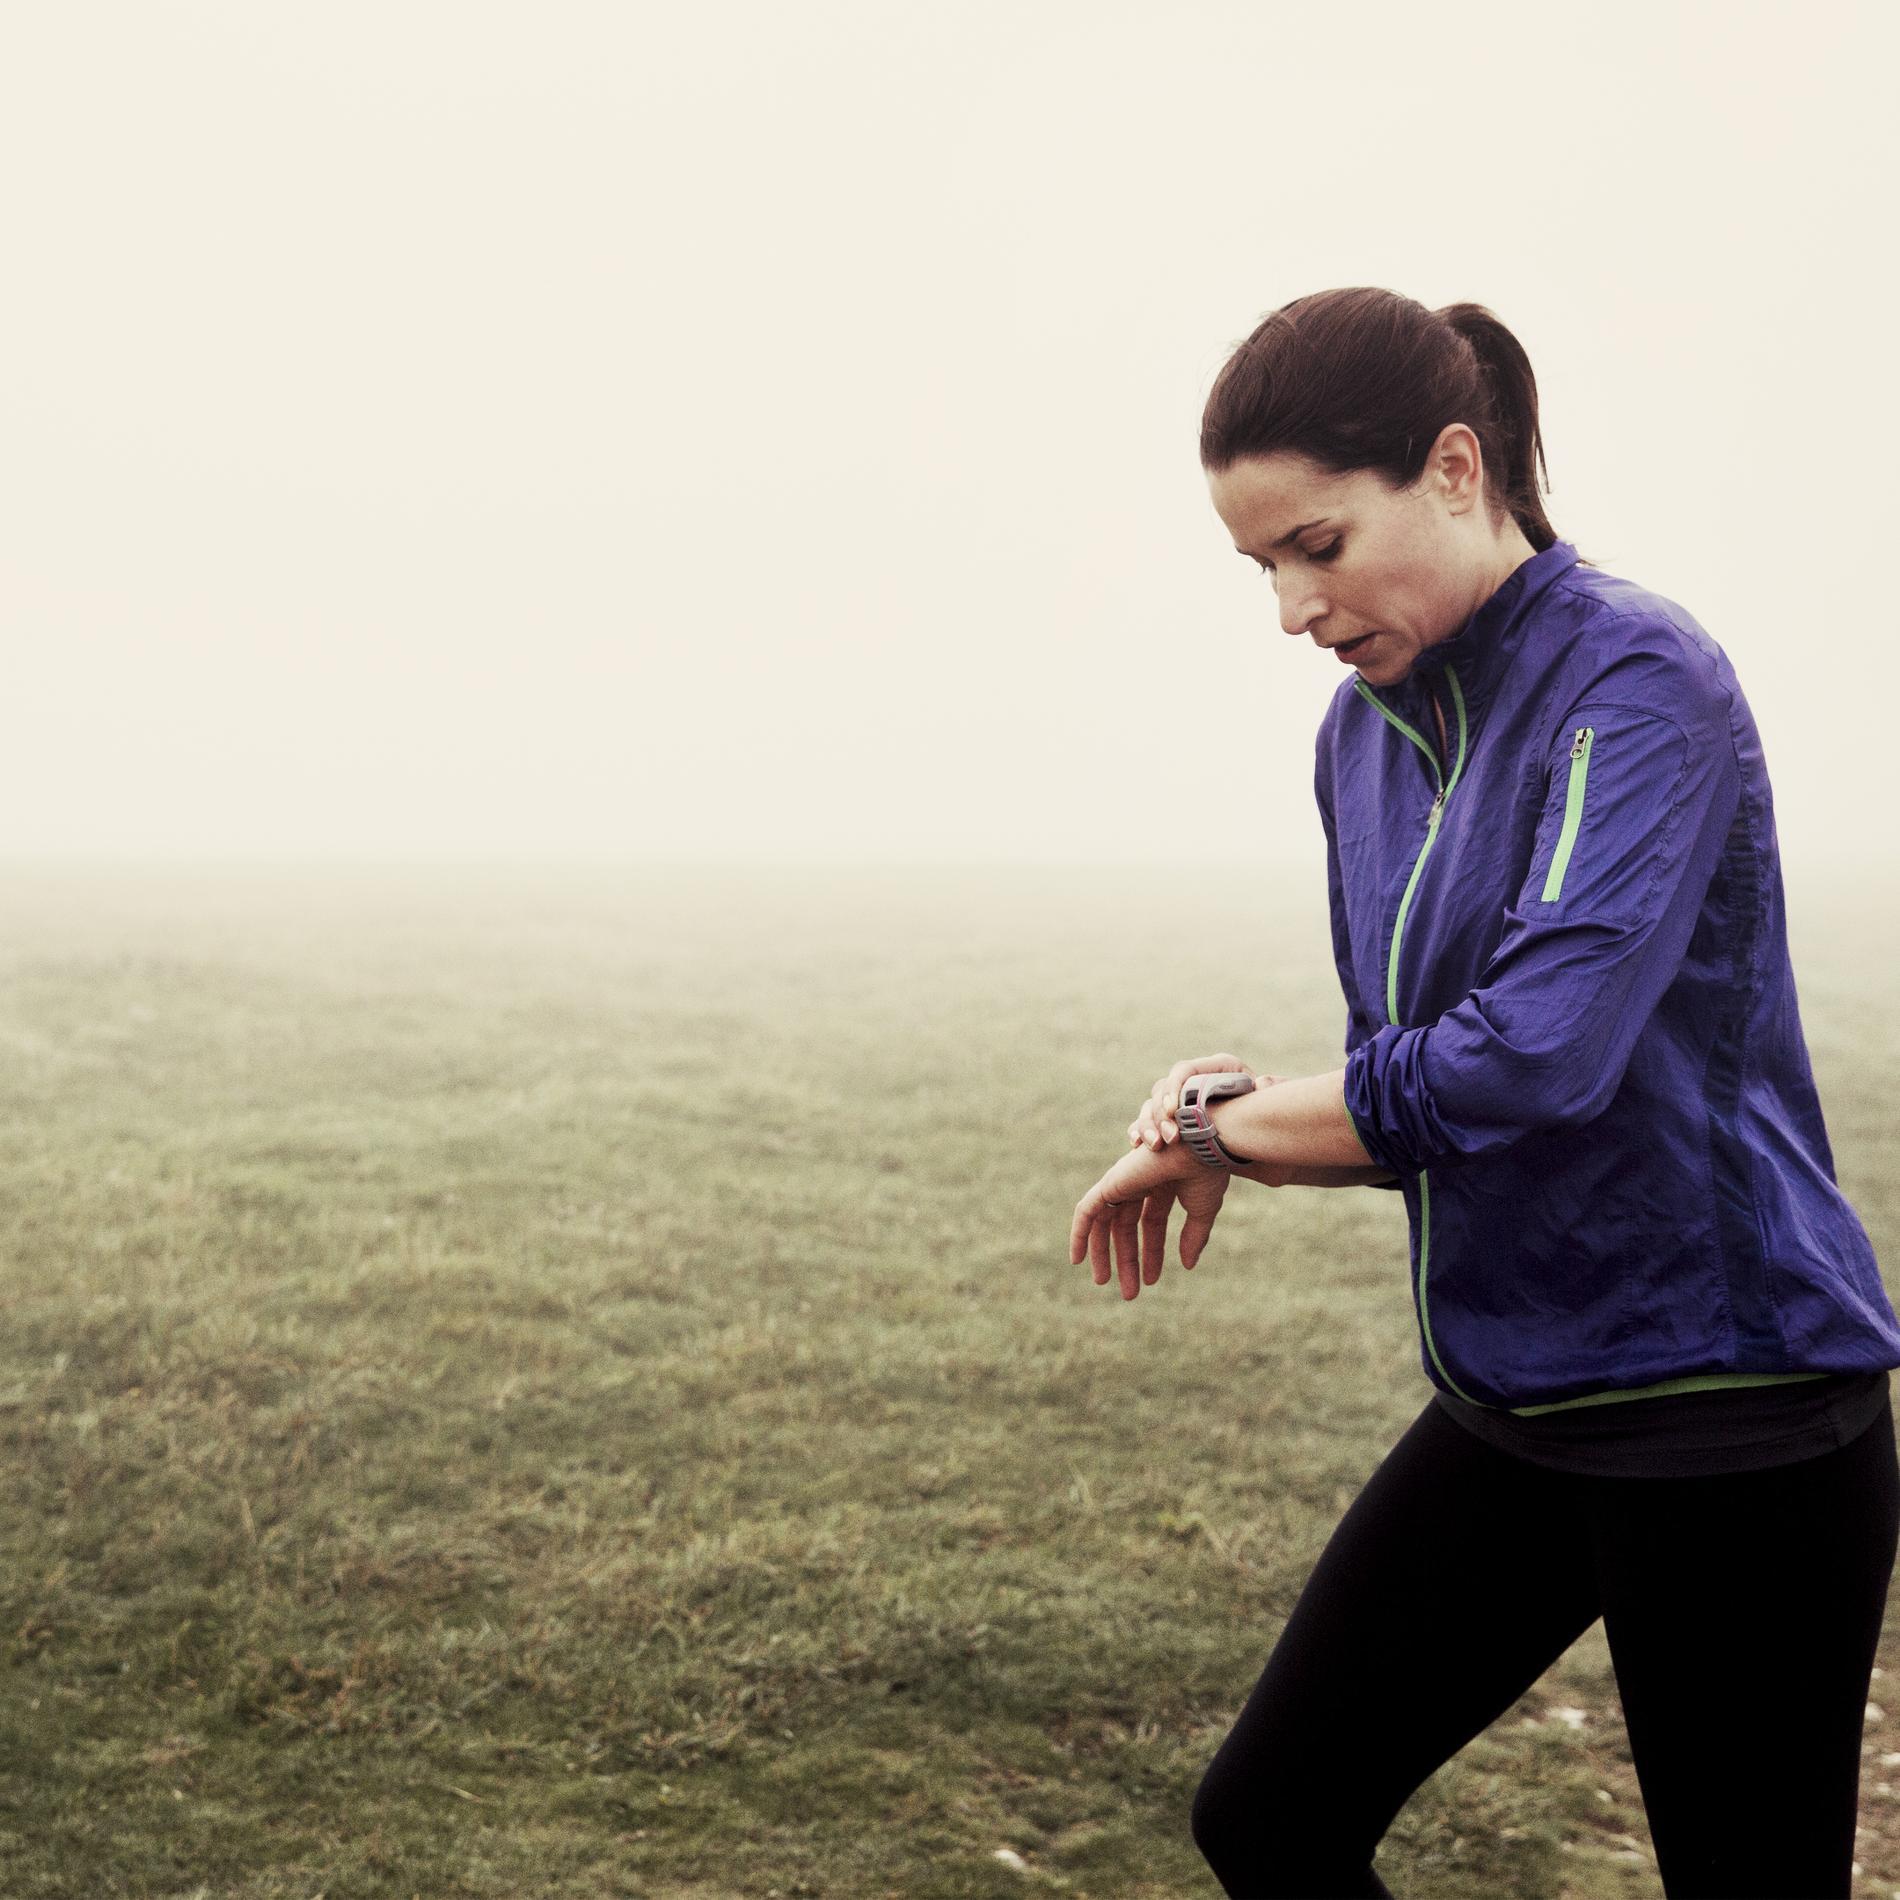 Marre de faire du sport tout seul ? Ces cinq applis sont faites pour vous ! | Actu